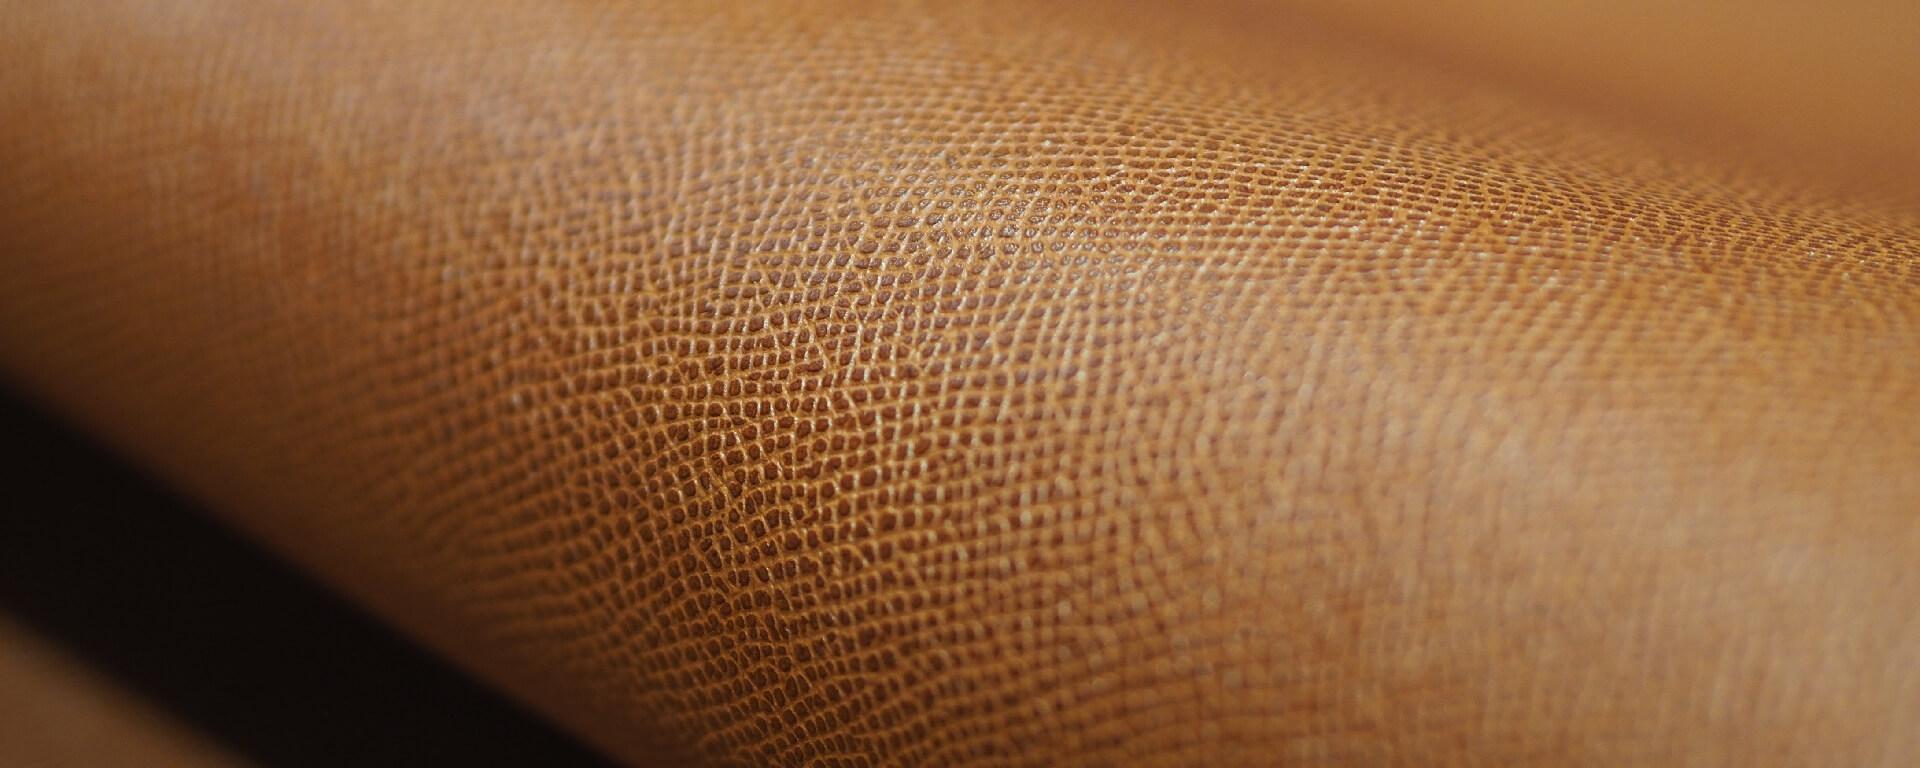 L aspect grainé est obtenu grâce à des presses et des plaques chauffées qui  impriment le cuir du motif sélectionné. Le rendu, durable, est fonction de  la ... e8eabd3682a